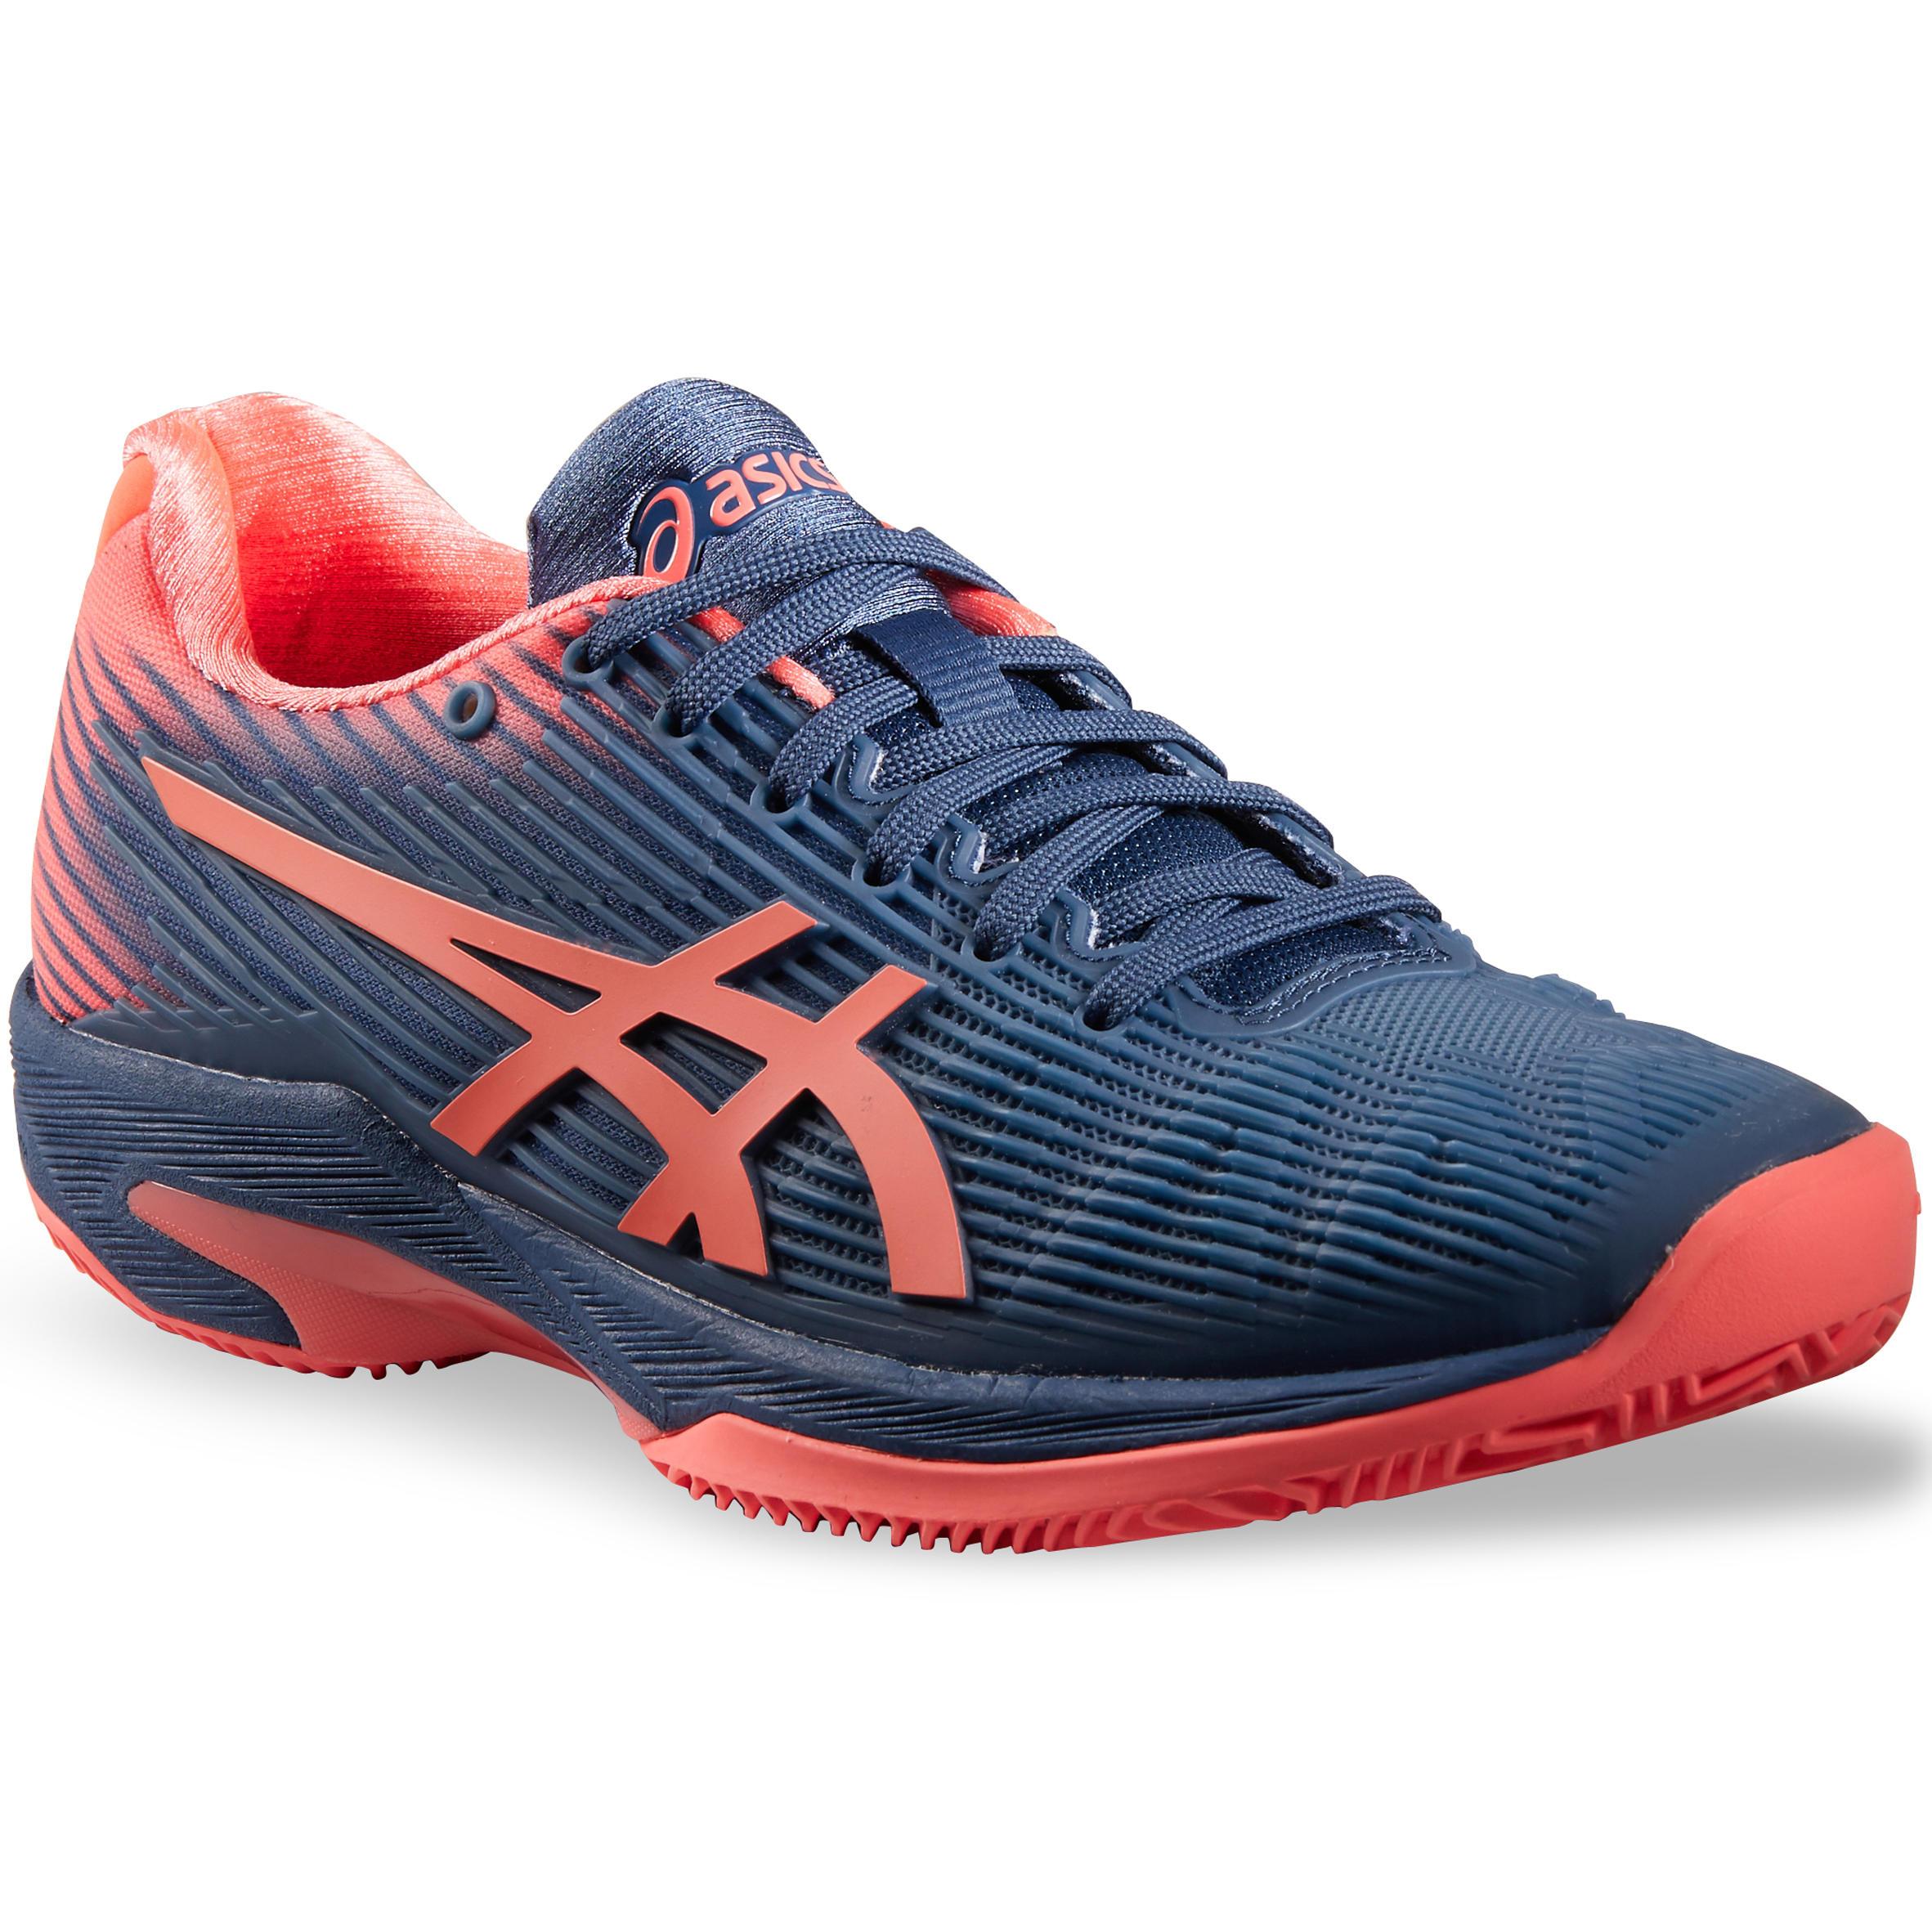 Asics Tennisschoenen voor dames Gel Solution Speed blauw roze